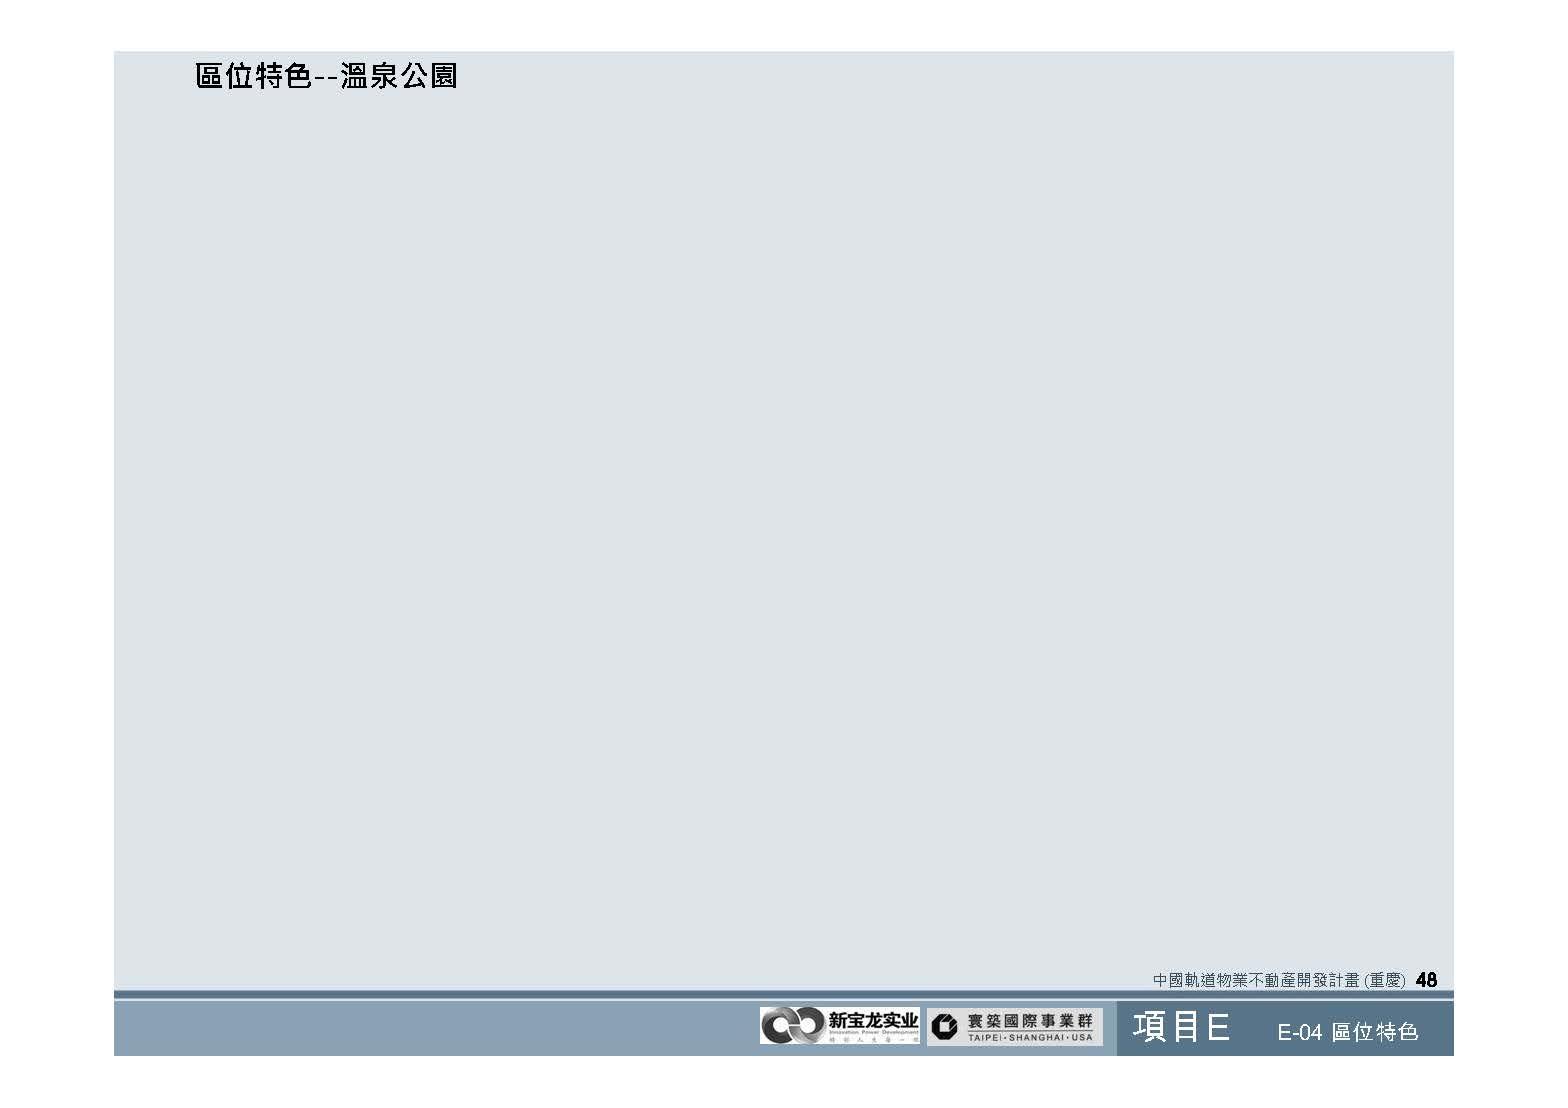 20100812-中國軌道物業不動產開發計畫(重慶)_頁面_49